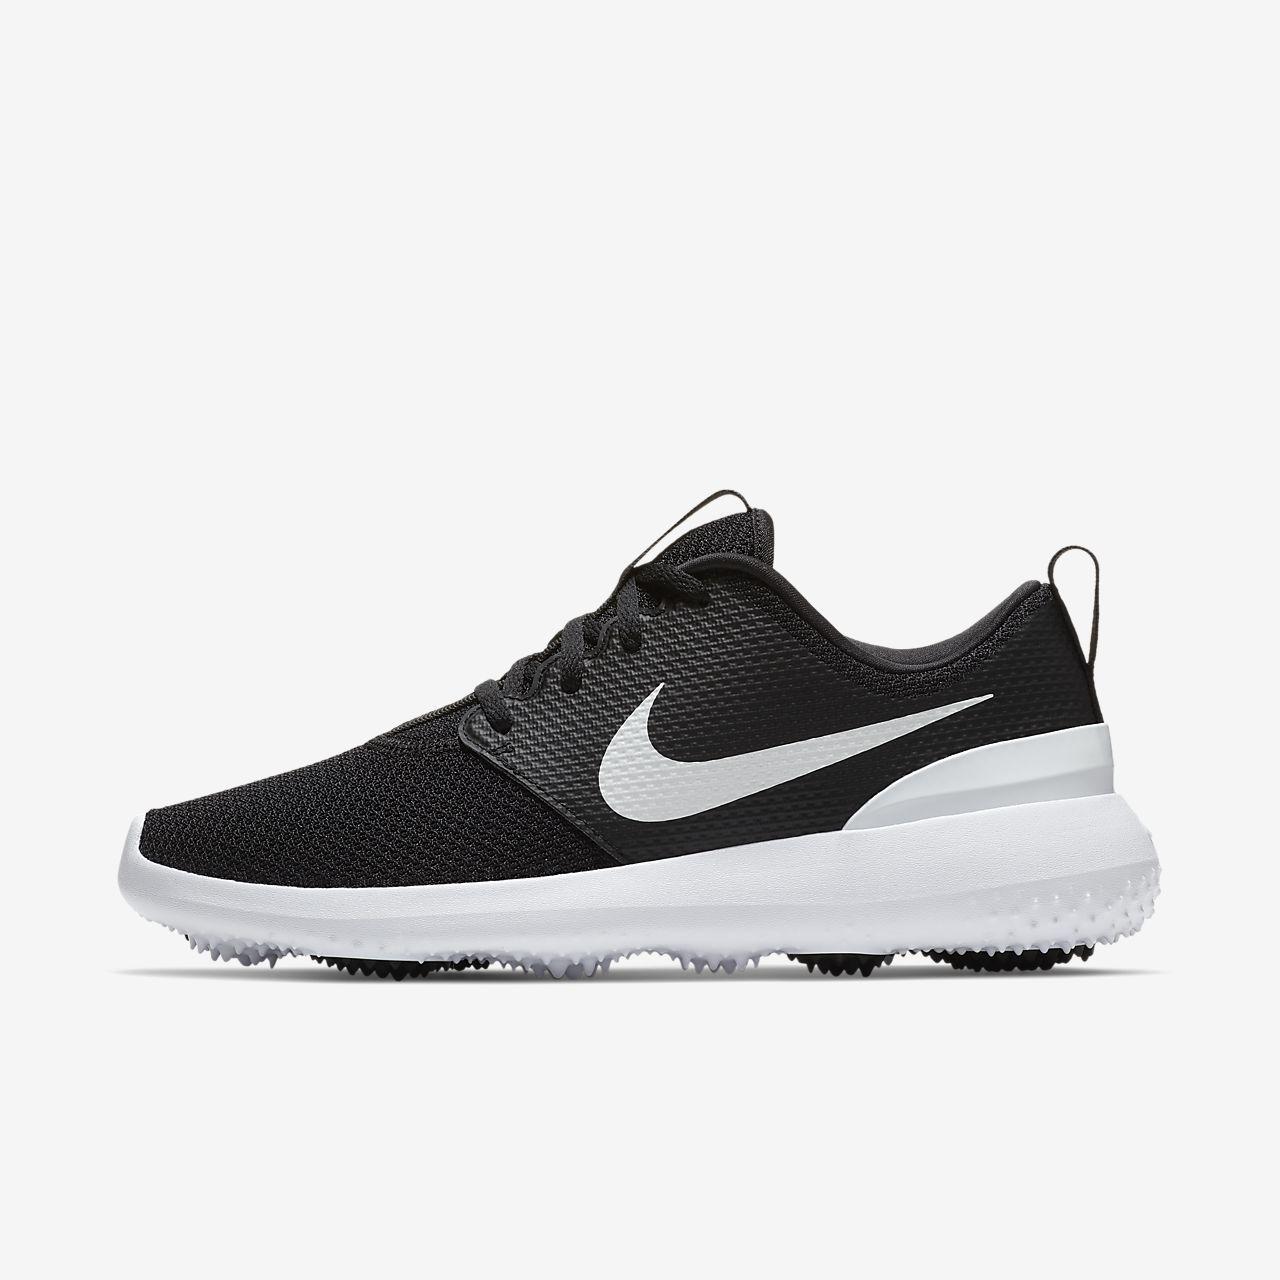 butik wyprzedażowy największa zniżka szczegółowe obrazy Damskie buty do golfa Nike Roshe G